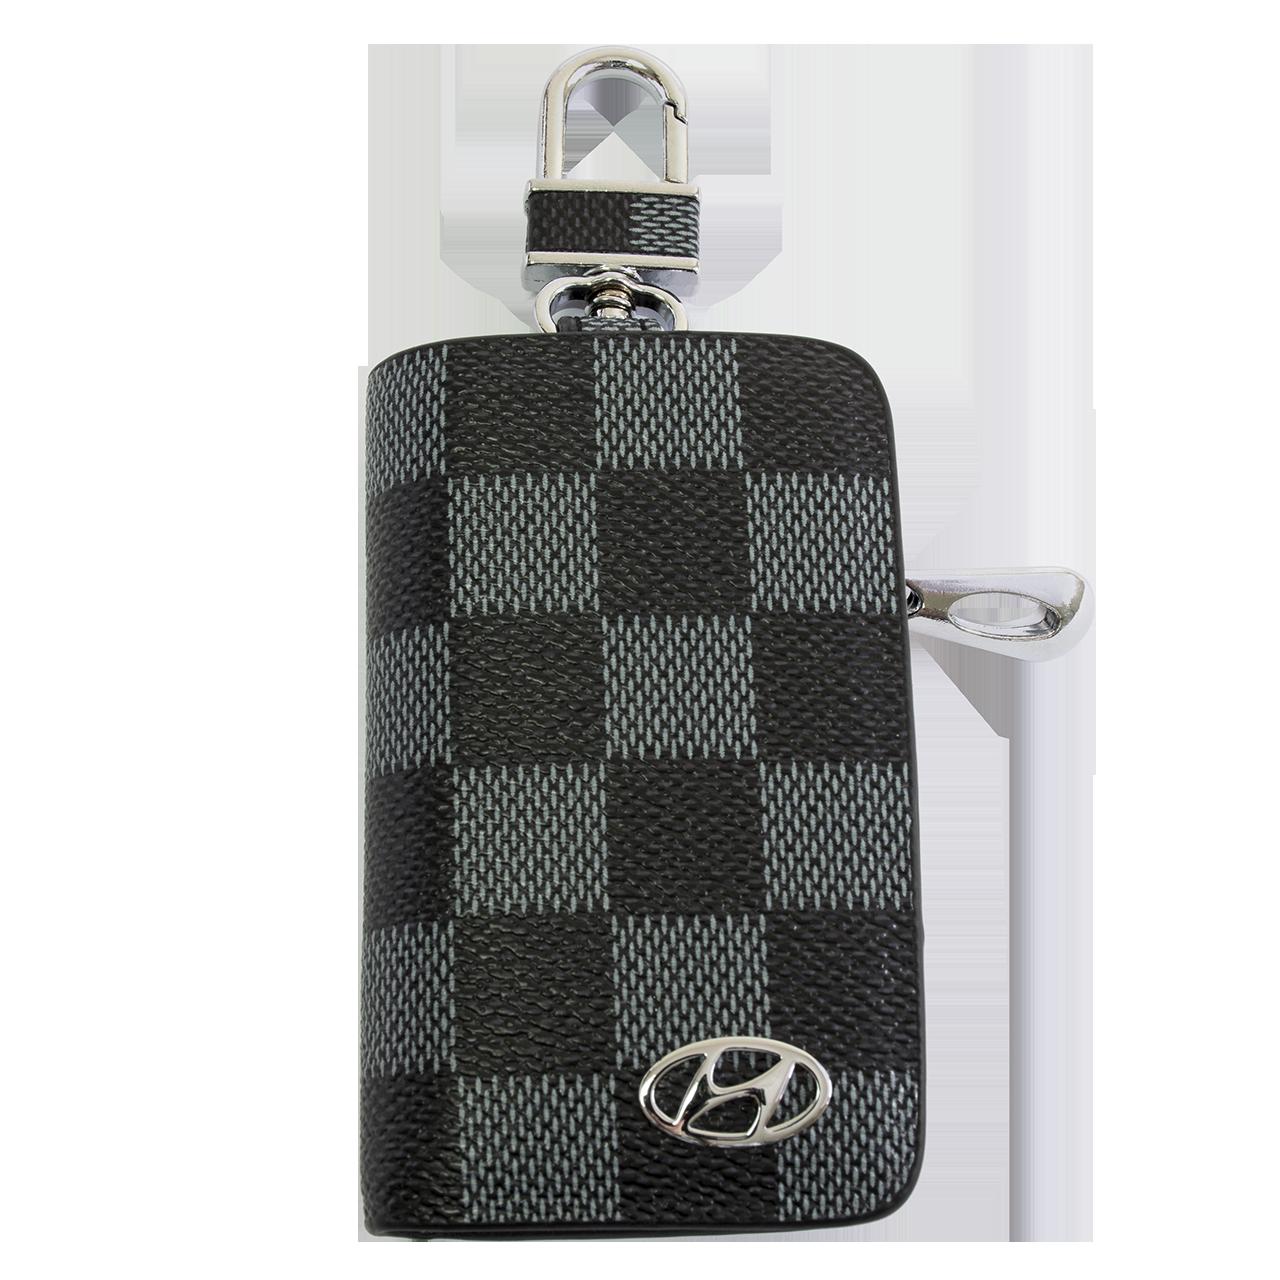 Ключница Carss с логотипом HYUNDAI 10013 карбон серый